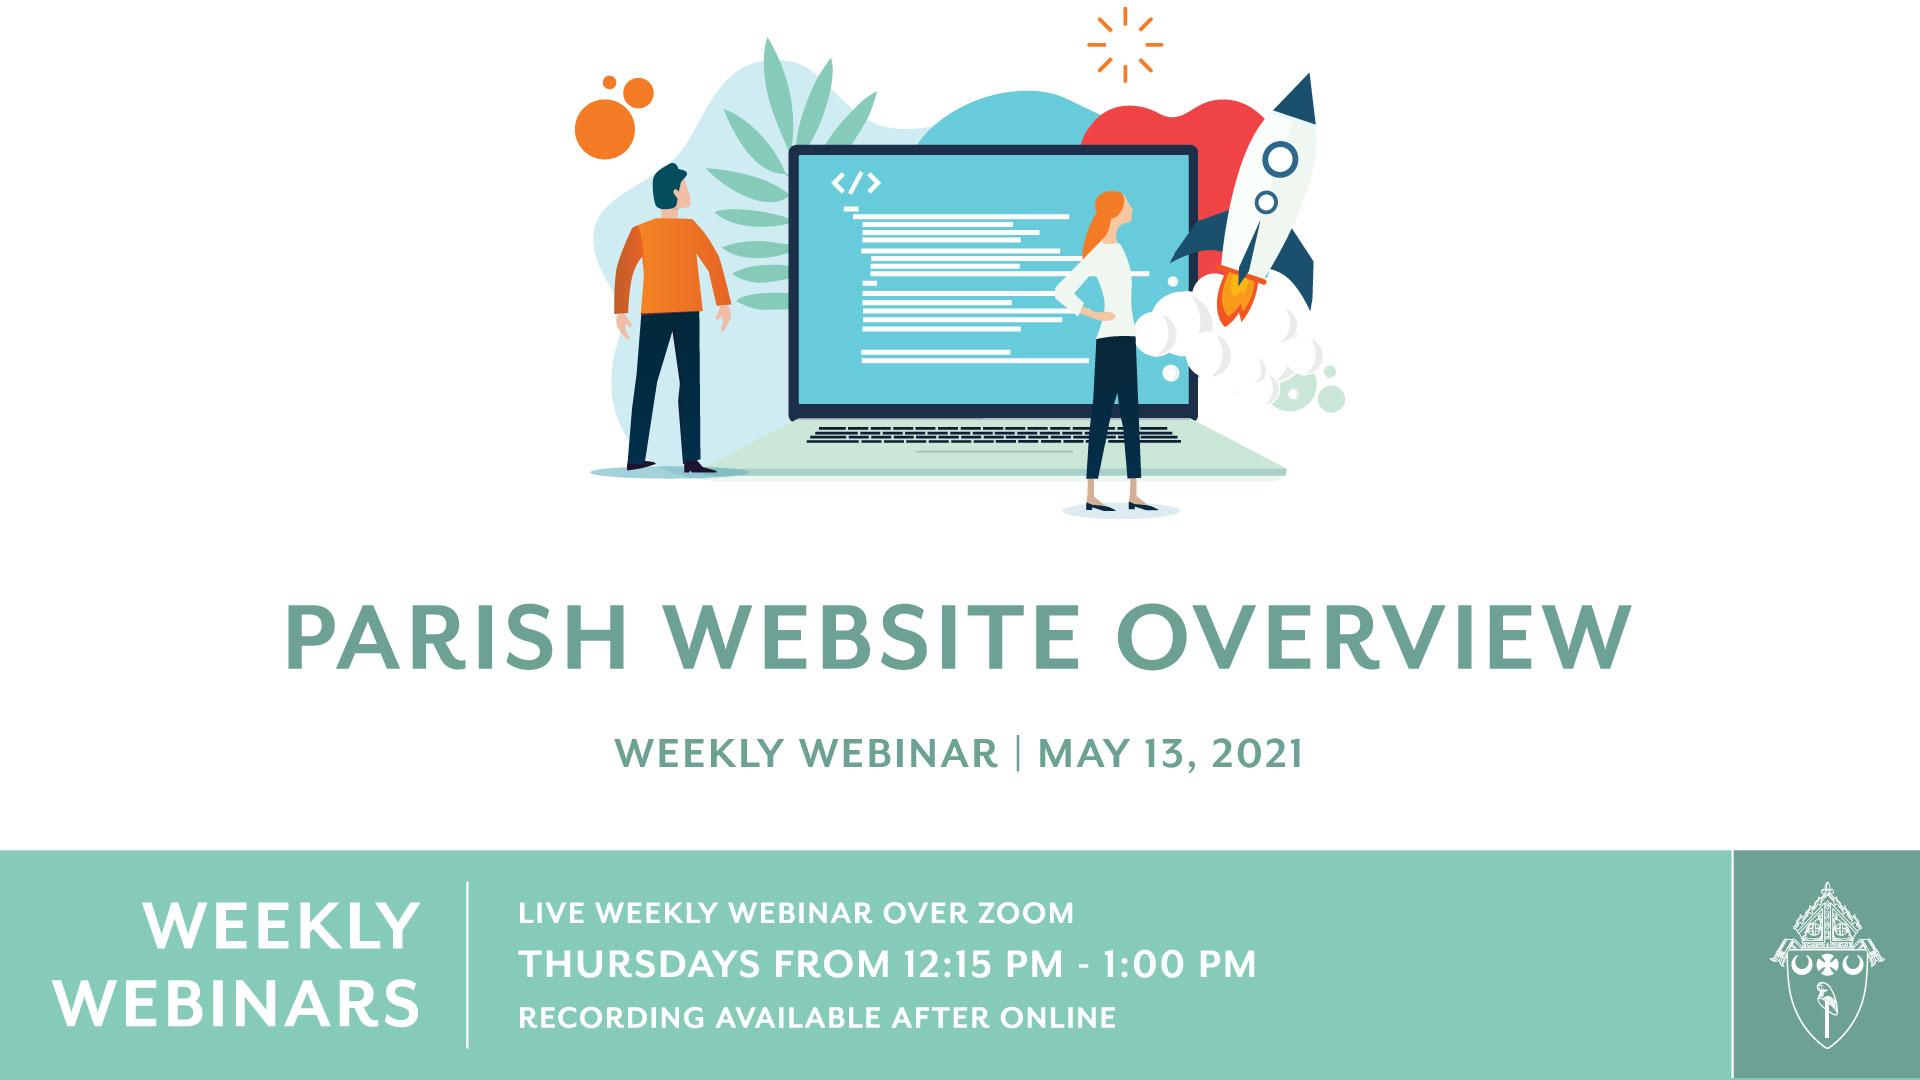 Weekly Webinar 1: Parish Website Overview